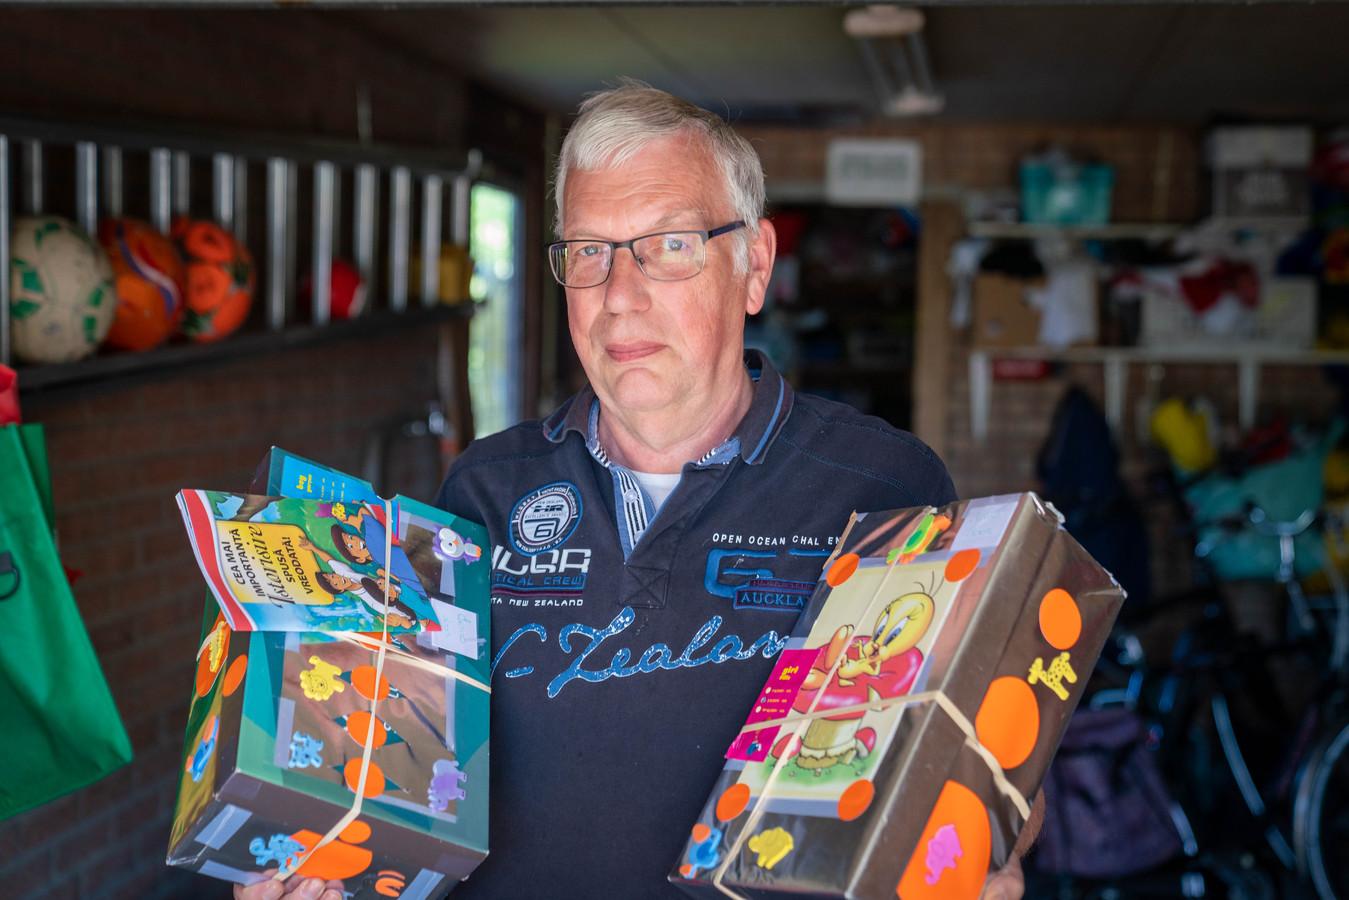 """Vrijwilliger Arie de Wit organiseert al jaren een schoenendoosactie voor kinderen in arme landen. ,, Als je de kinderen ziet glimlachen, geeft dat een goed gevoel."""""""